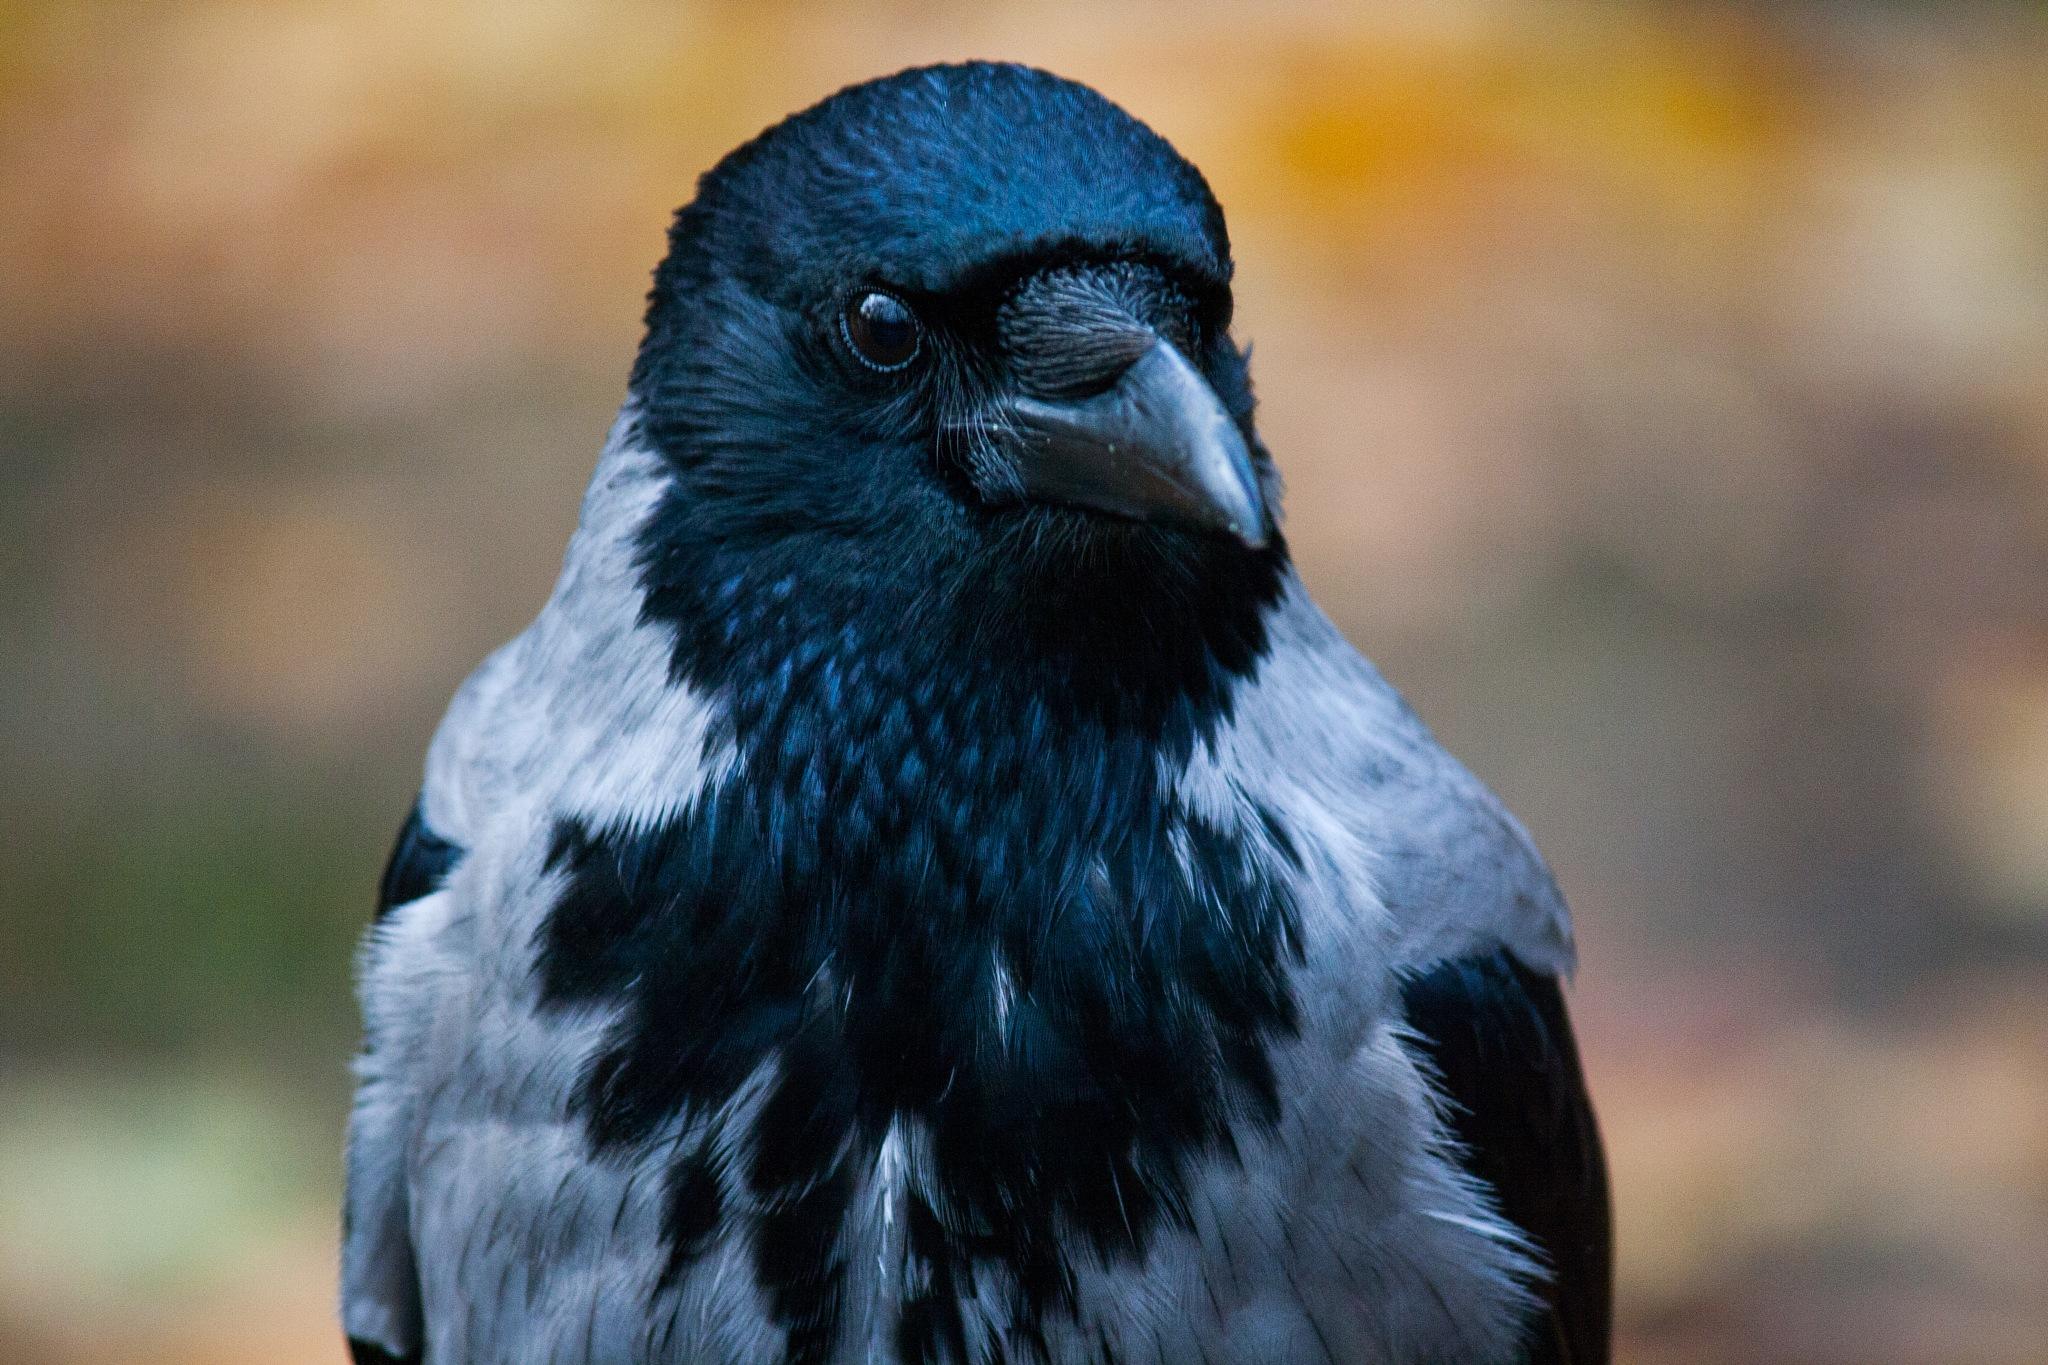 Gray crow by Maciej Rekowski